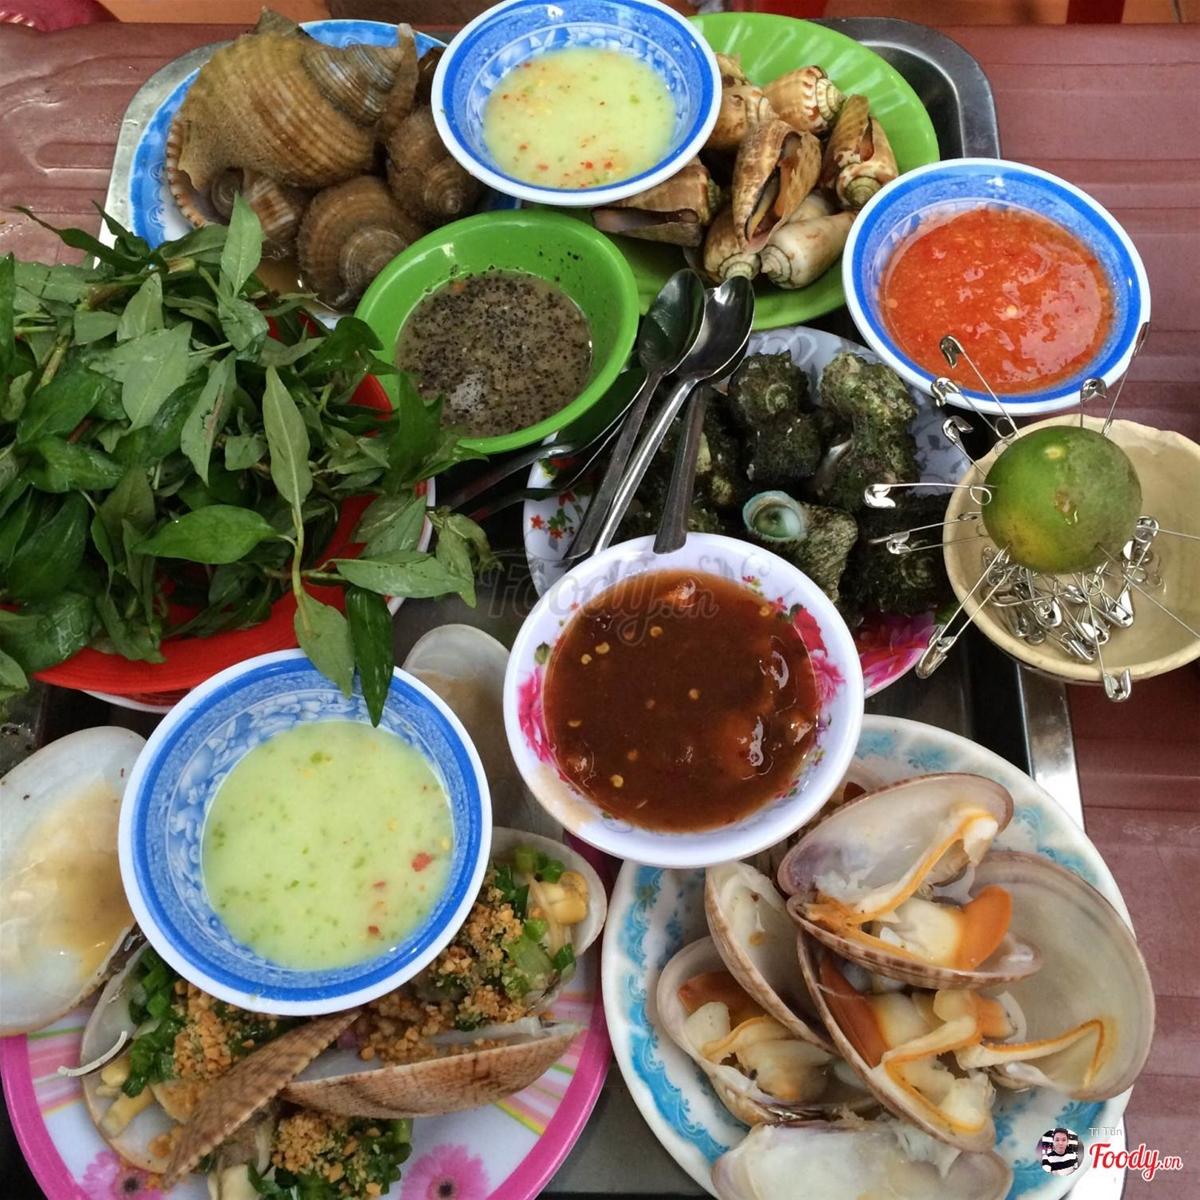 Nếu đi du lịch gia đình, bạn nên tìm các quán ăn ngon mà rẻ chỉ dân thổ địa Nha Trang mới biết